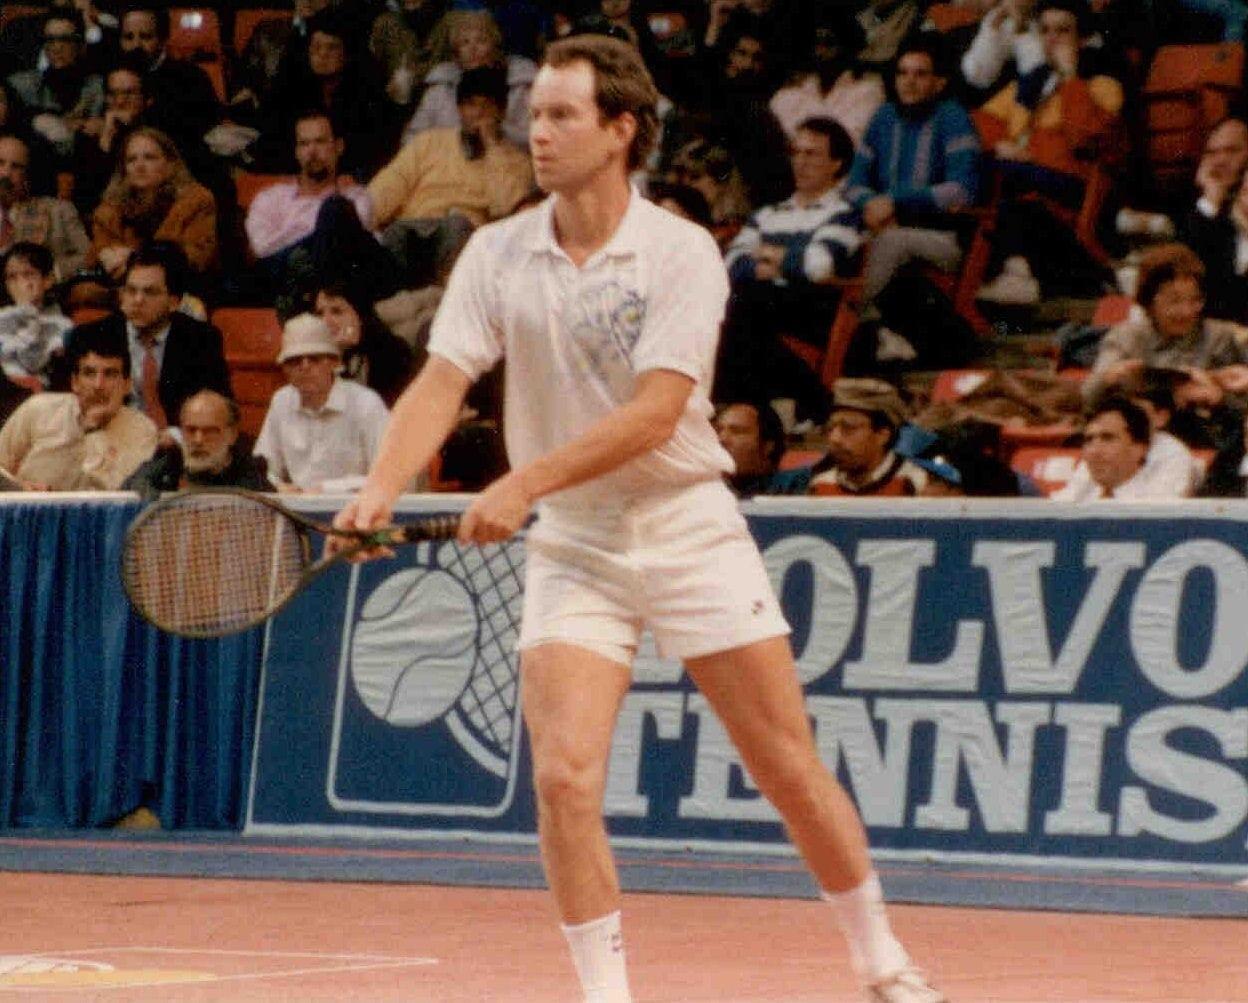 John Mc'Enroe holding a tennis racket